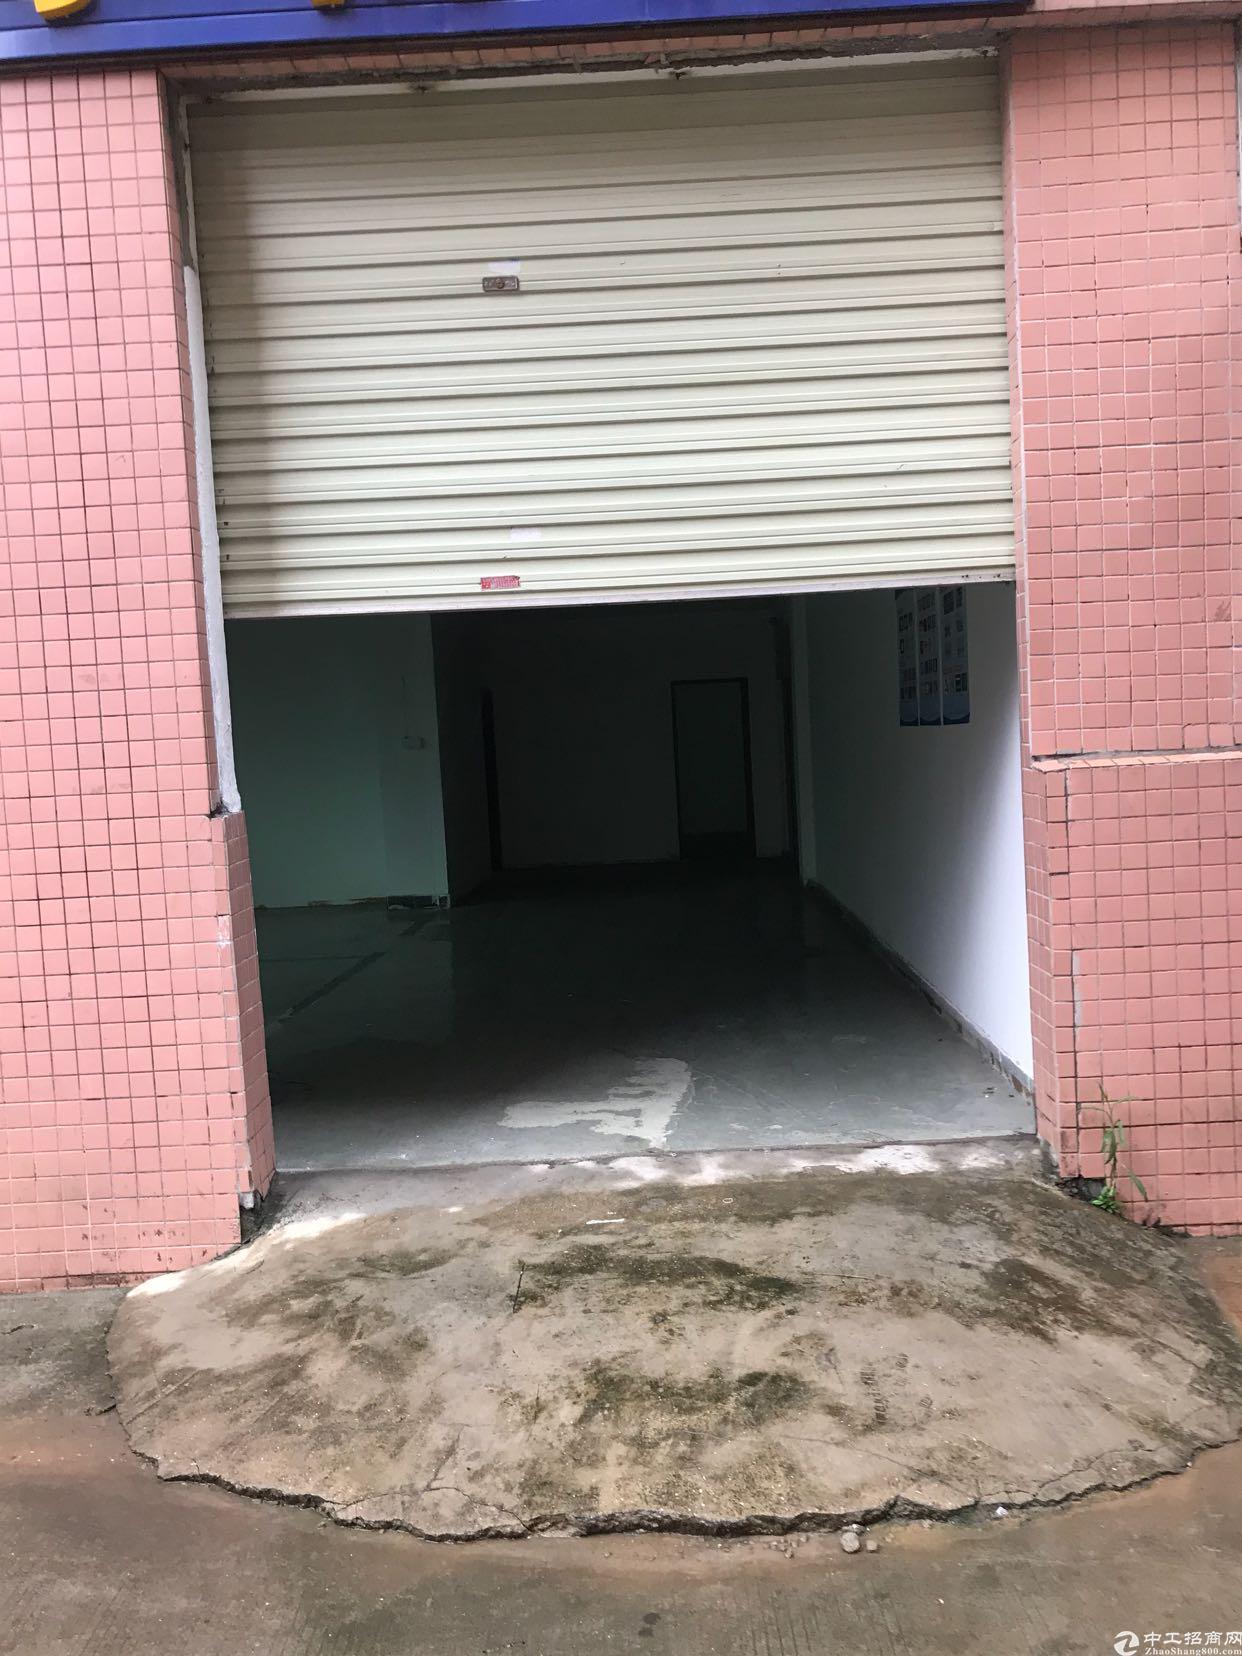 坂田杨美地铁口新出一楼200平方园区内空地大